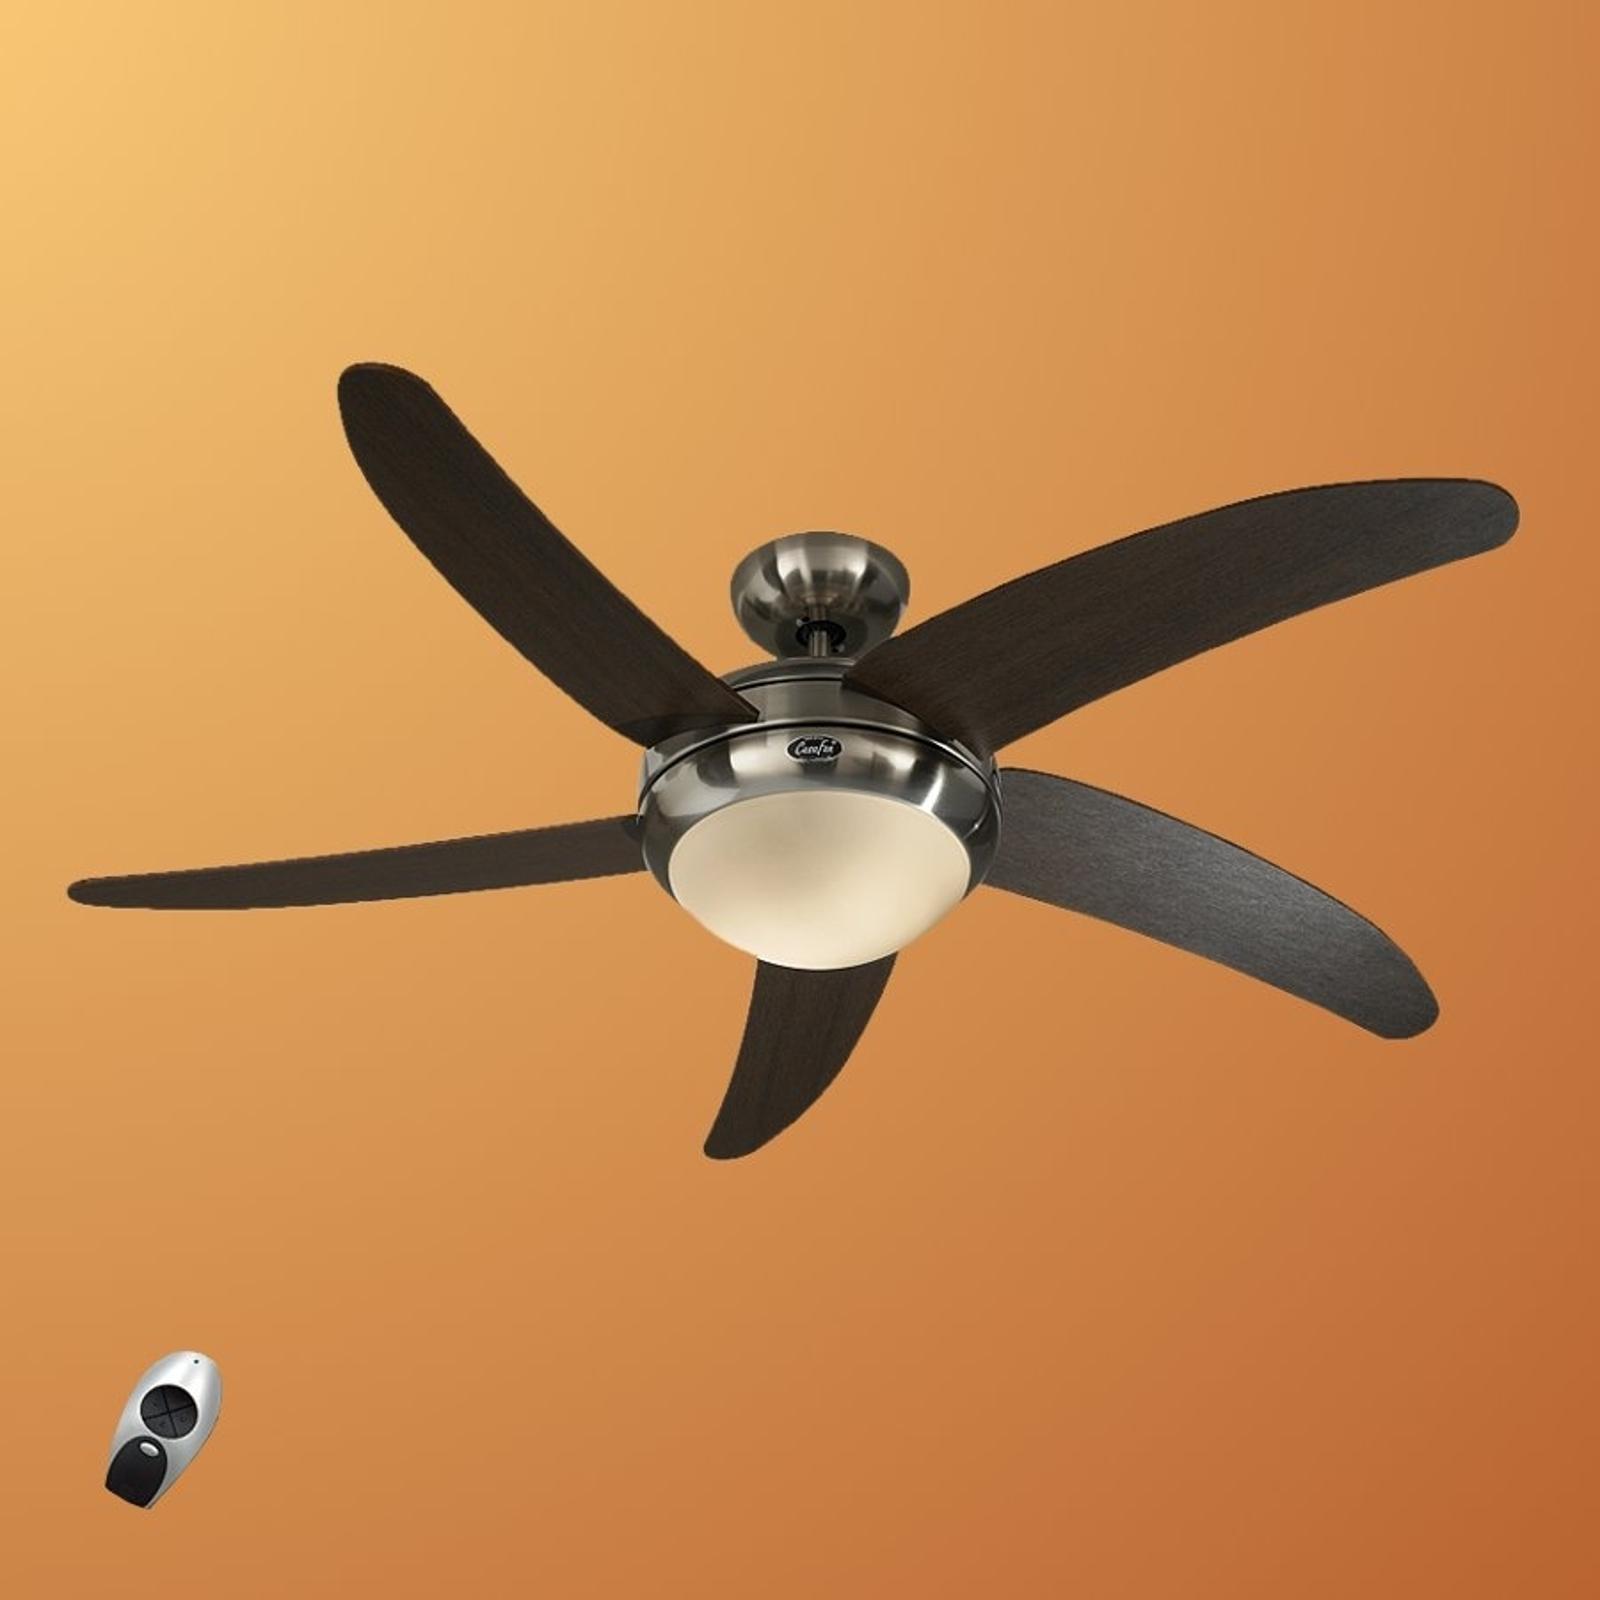 Moderný stropný ventilátor Elica_2015014_1